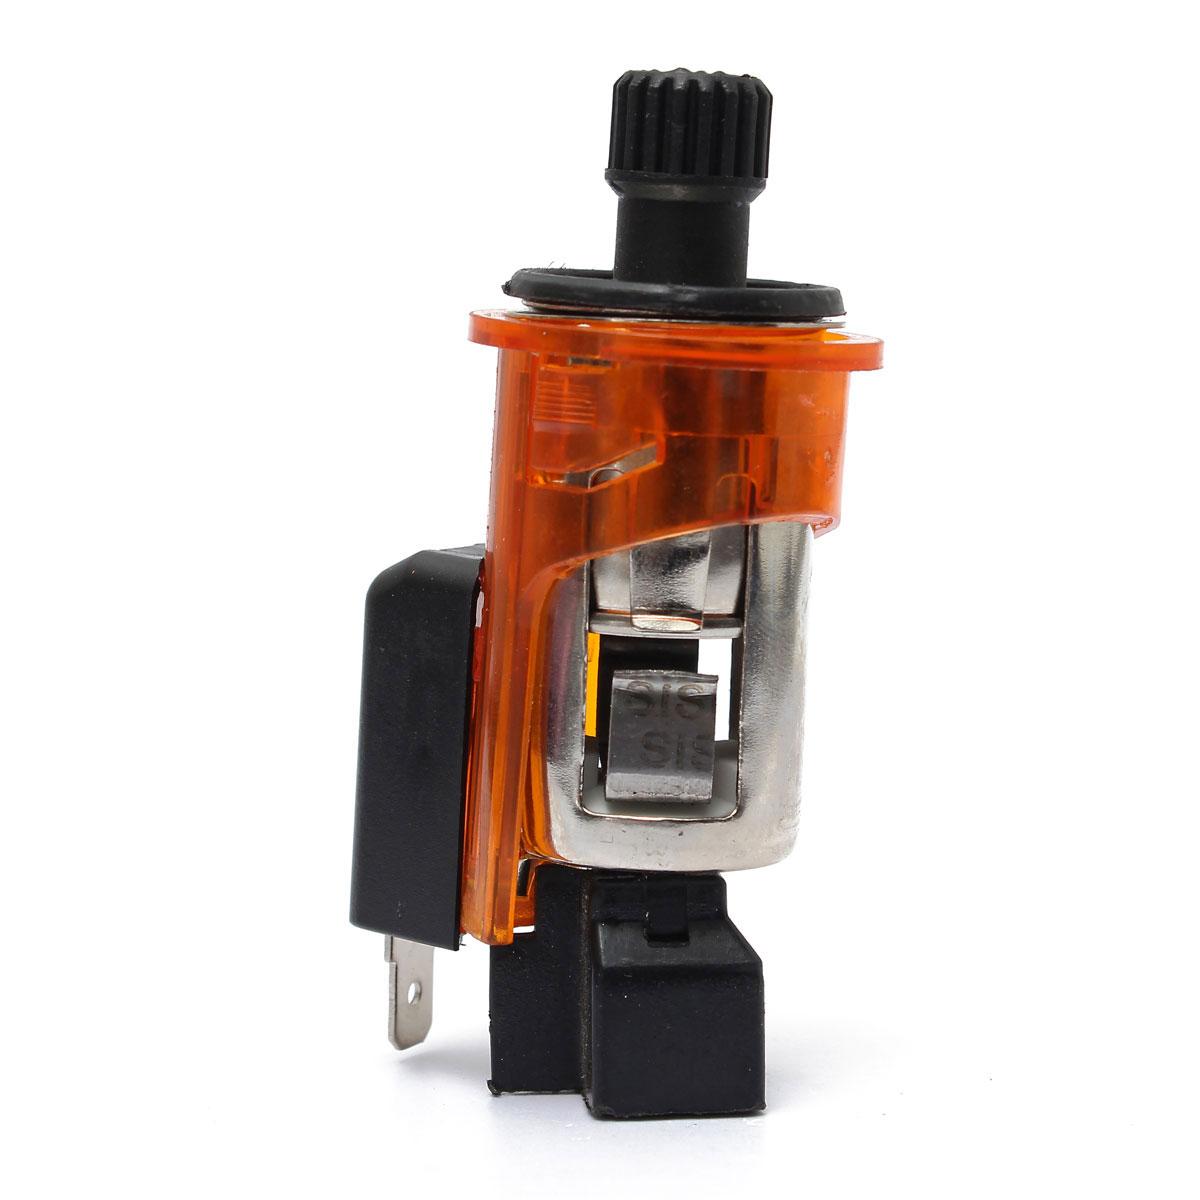 12v cigarette lighter wiring diagram 12v free engine image for user manual